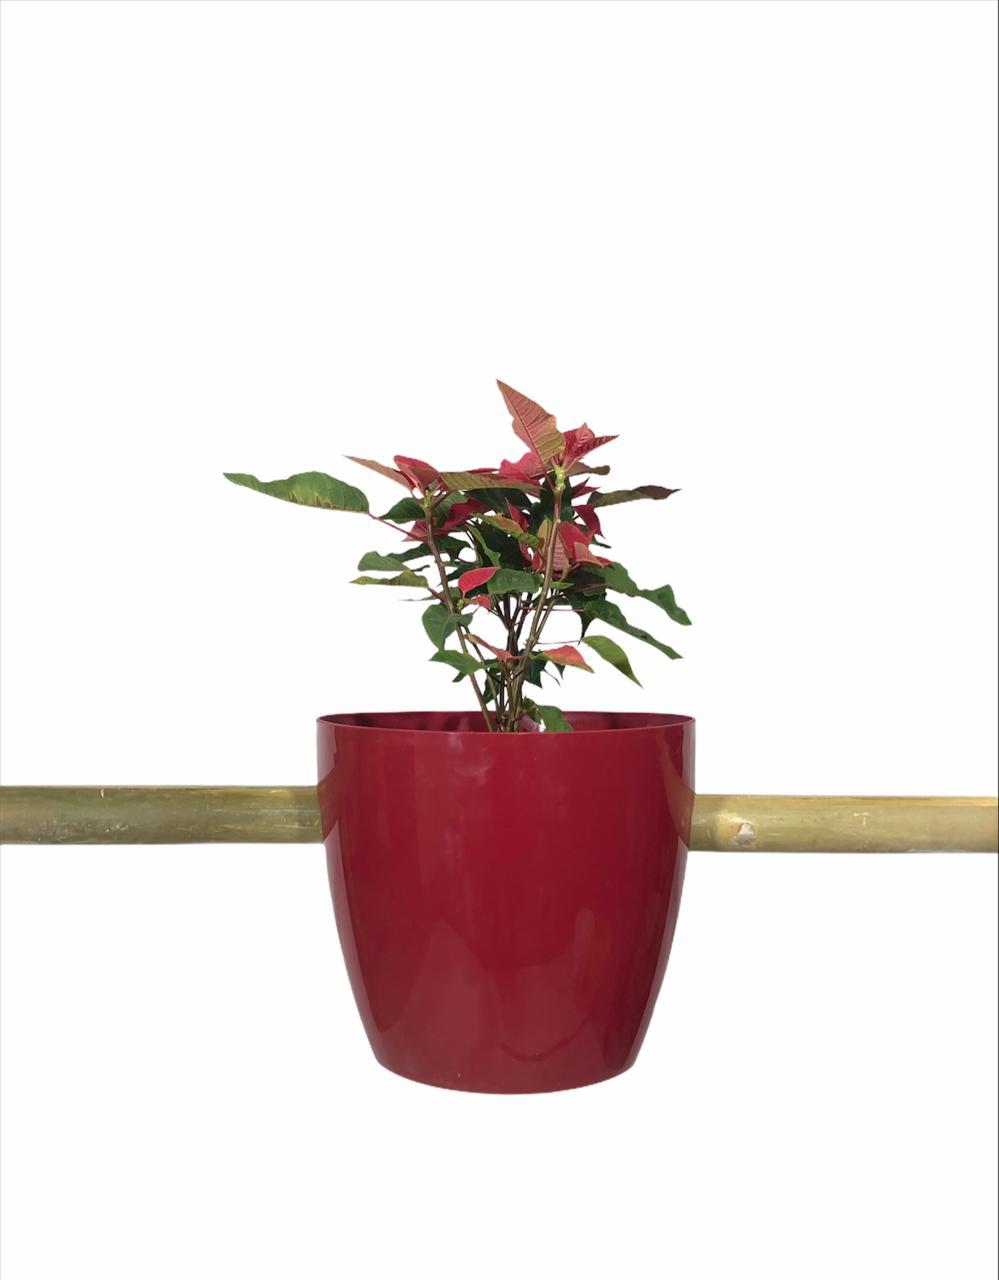 balc3 - Plantas Faitful